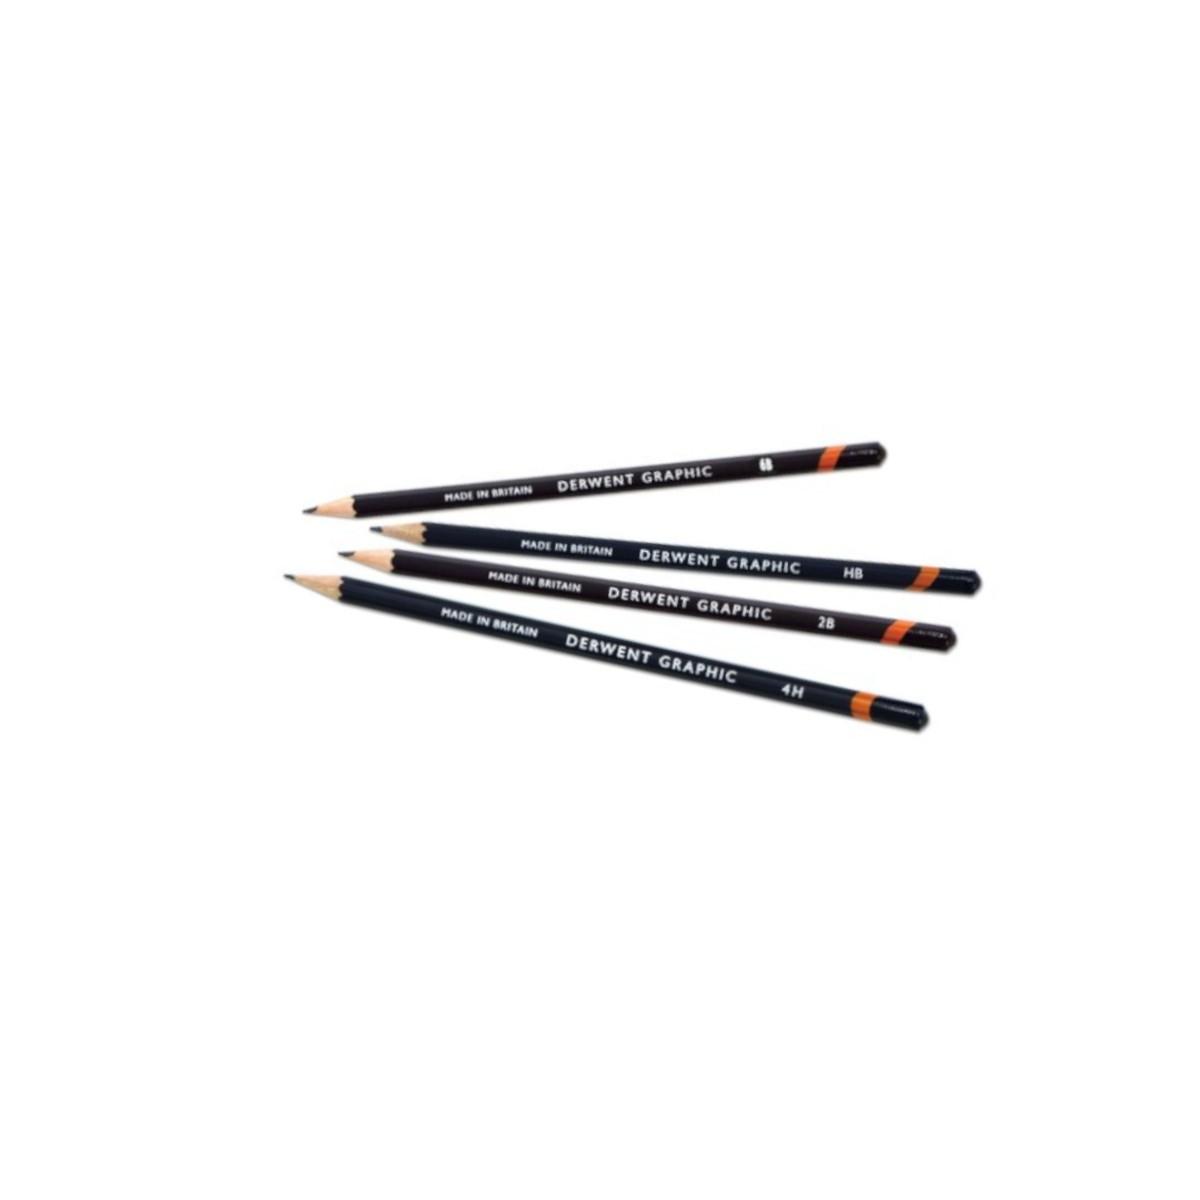 Derwent, grafit blyant, Graphic